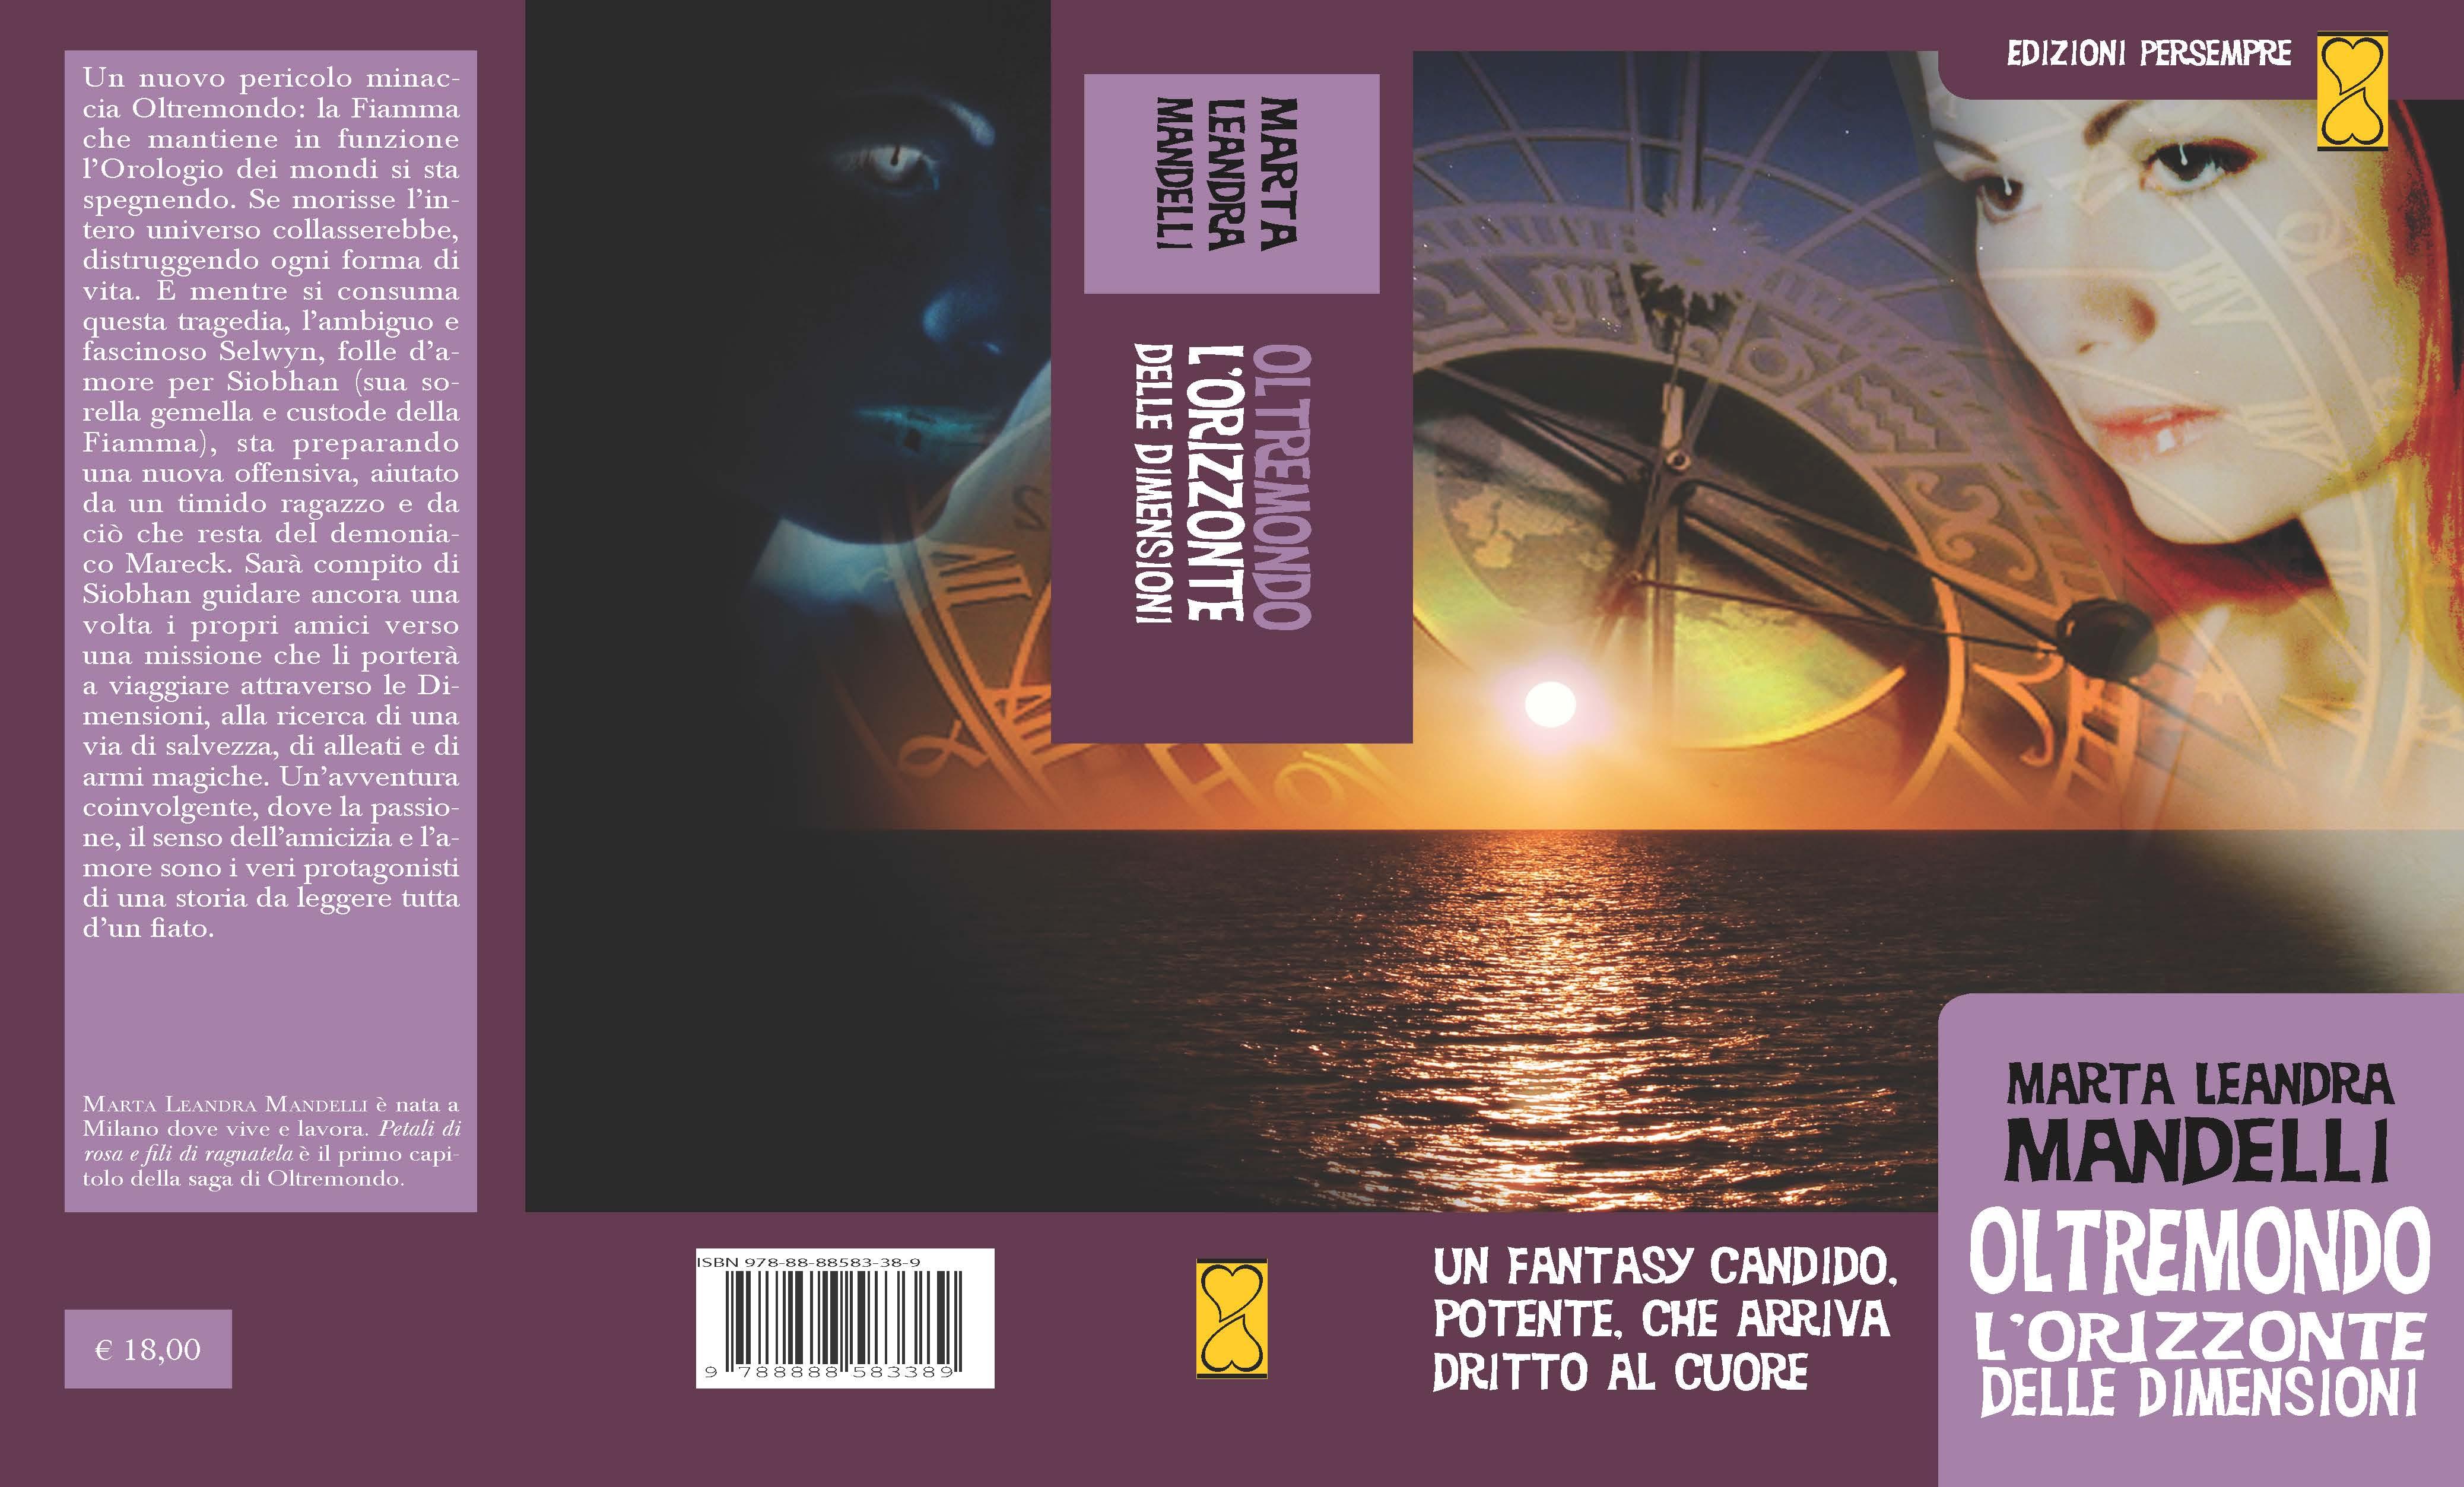 Copertina_Orizzonte_delle_Dimensioni jpg